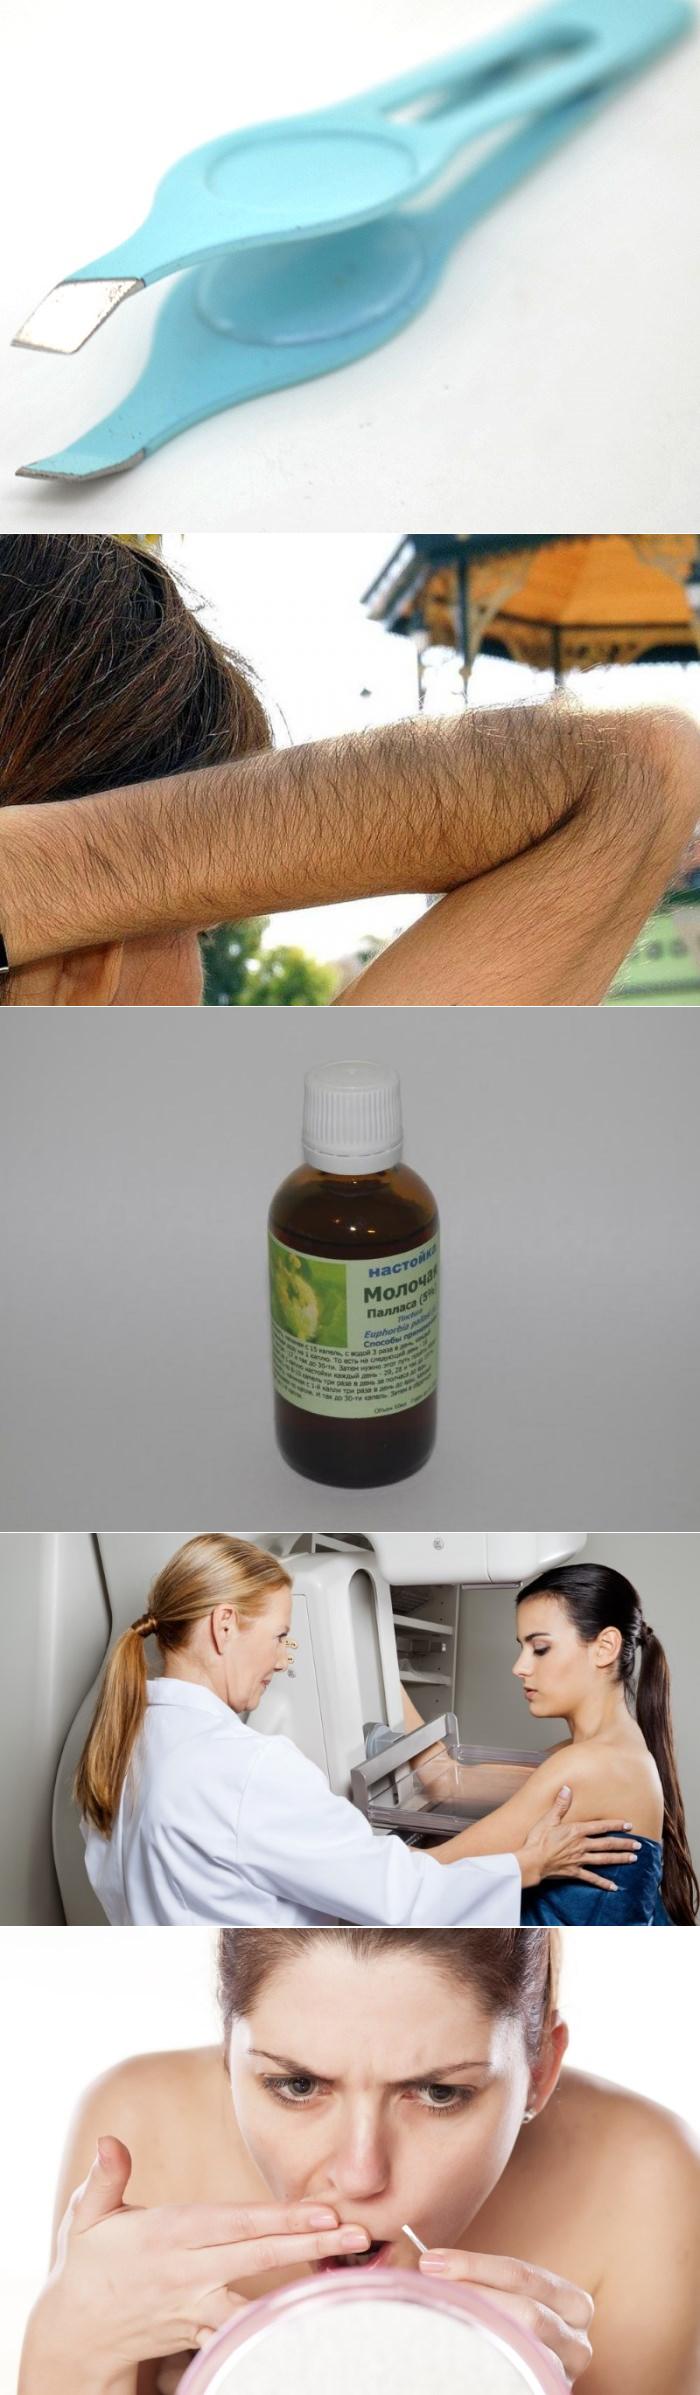 Как ускорить рост волос: рекомендации экспертов